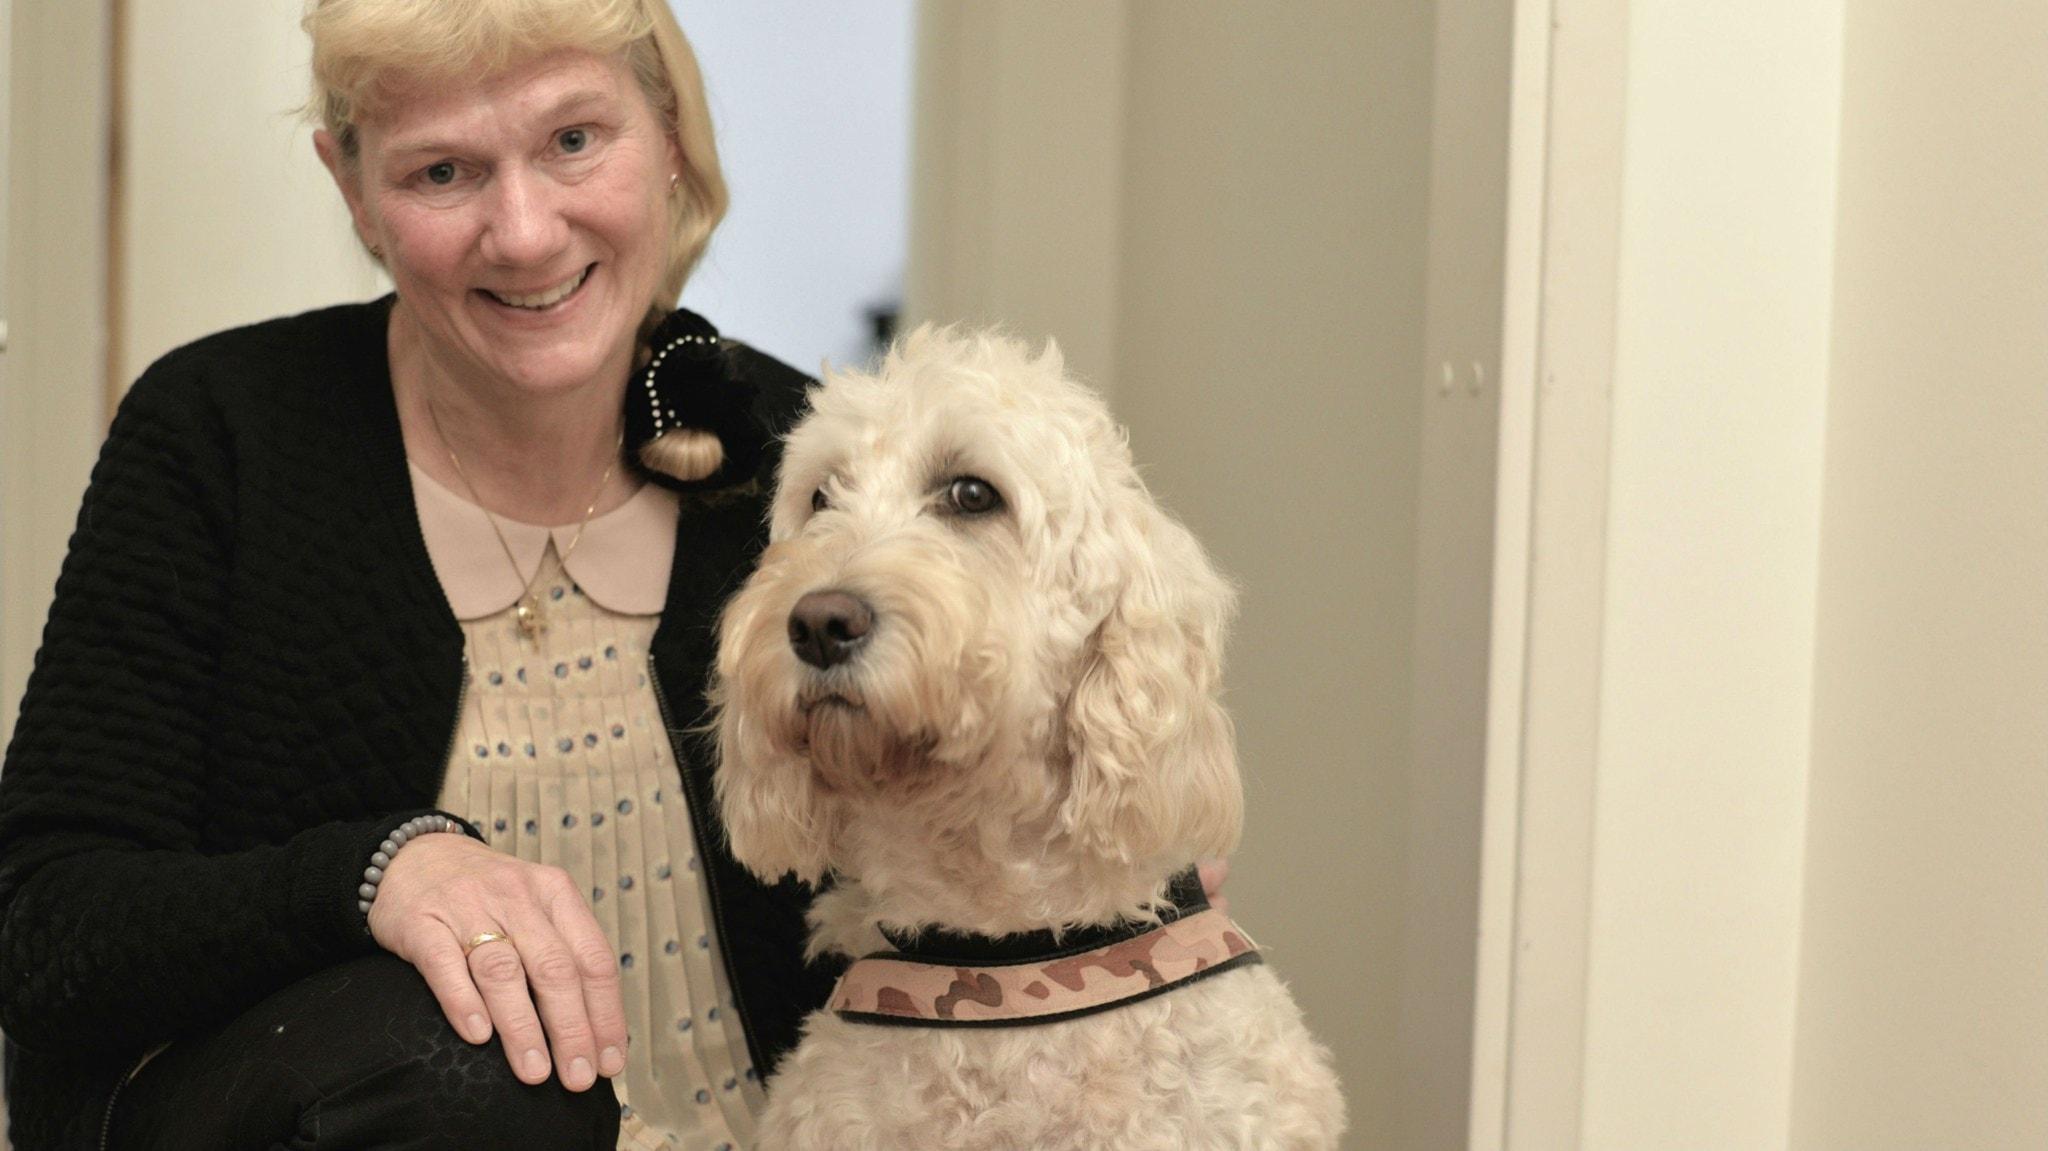 Vetenskapsradion: Hunden i människans tjänst